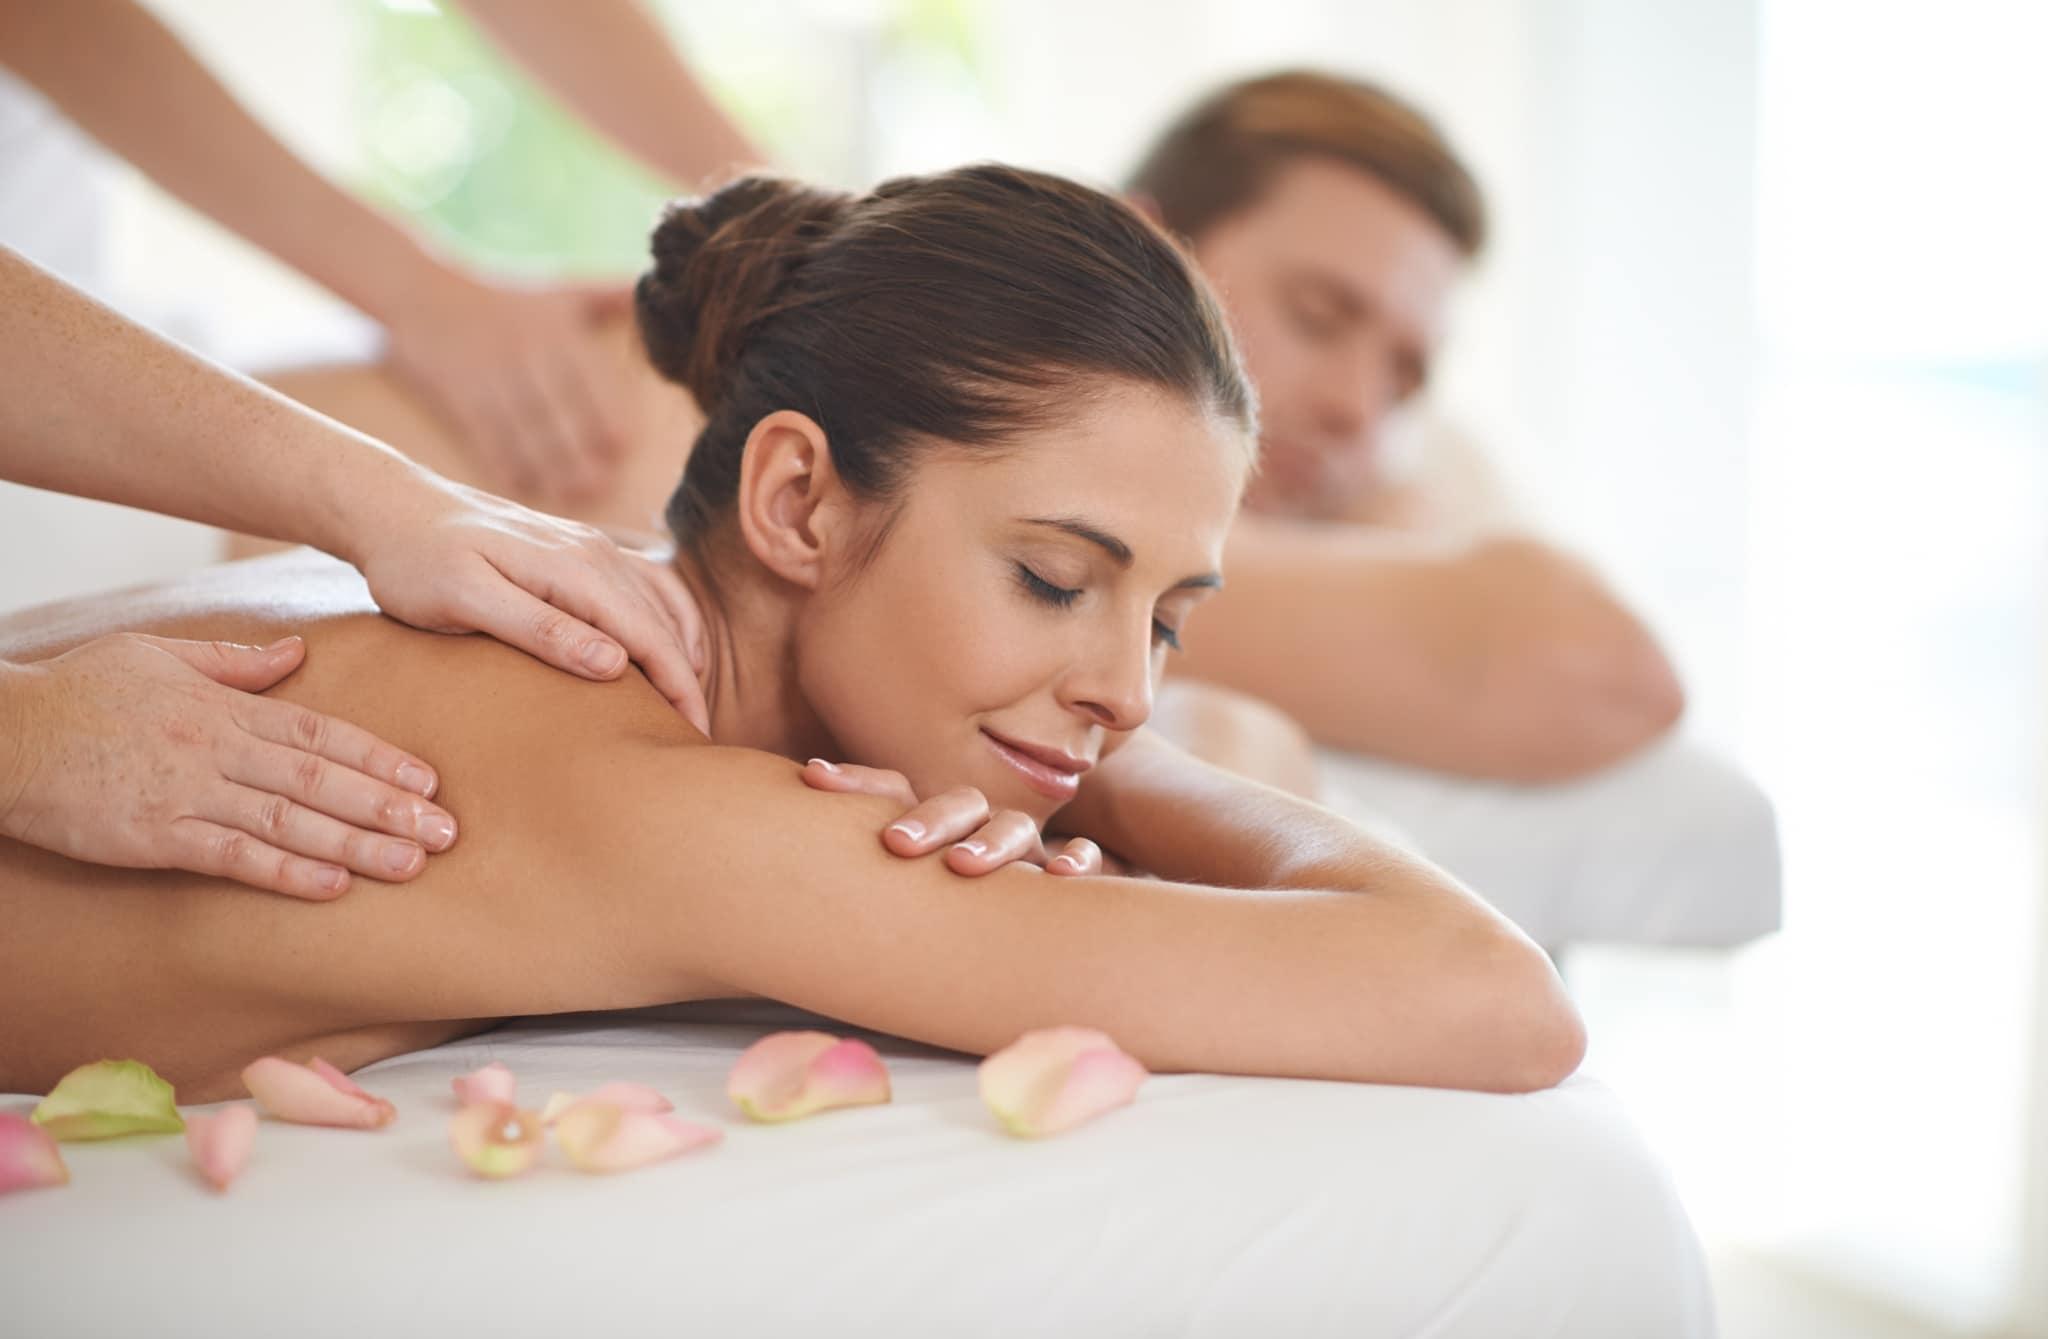 Partnermassage im Spa - hier Rückenmassage